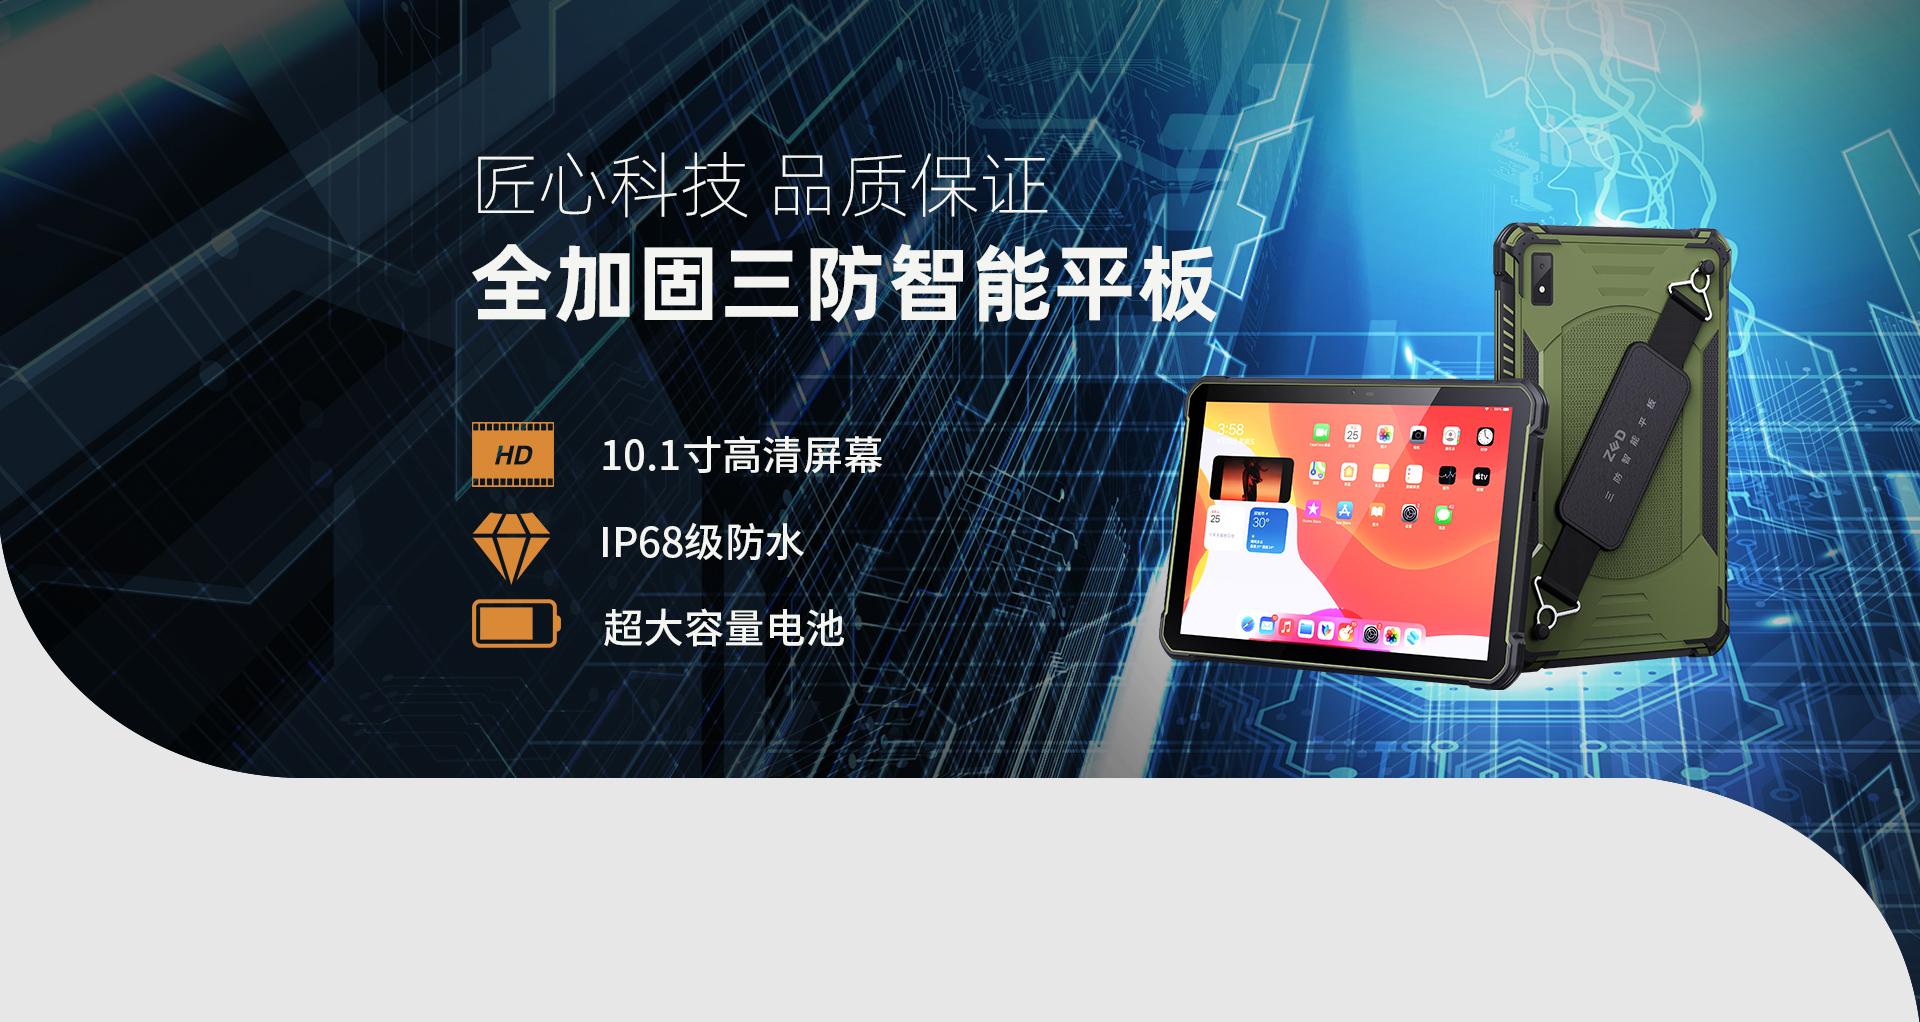 泽迪-产品支持功能定制 24小时内开发·7天内交付